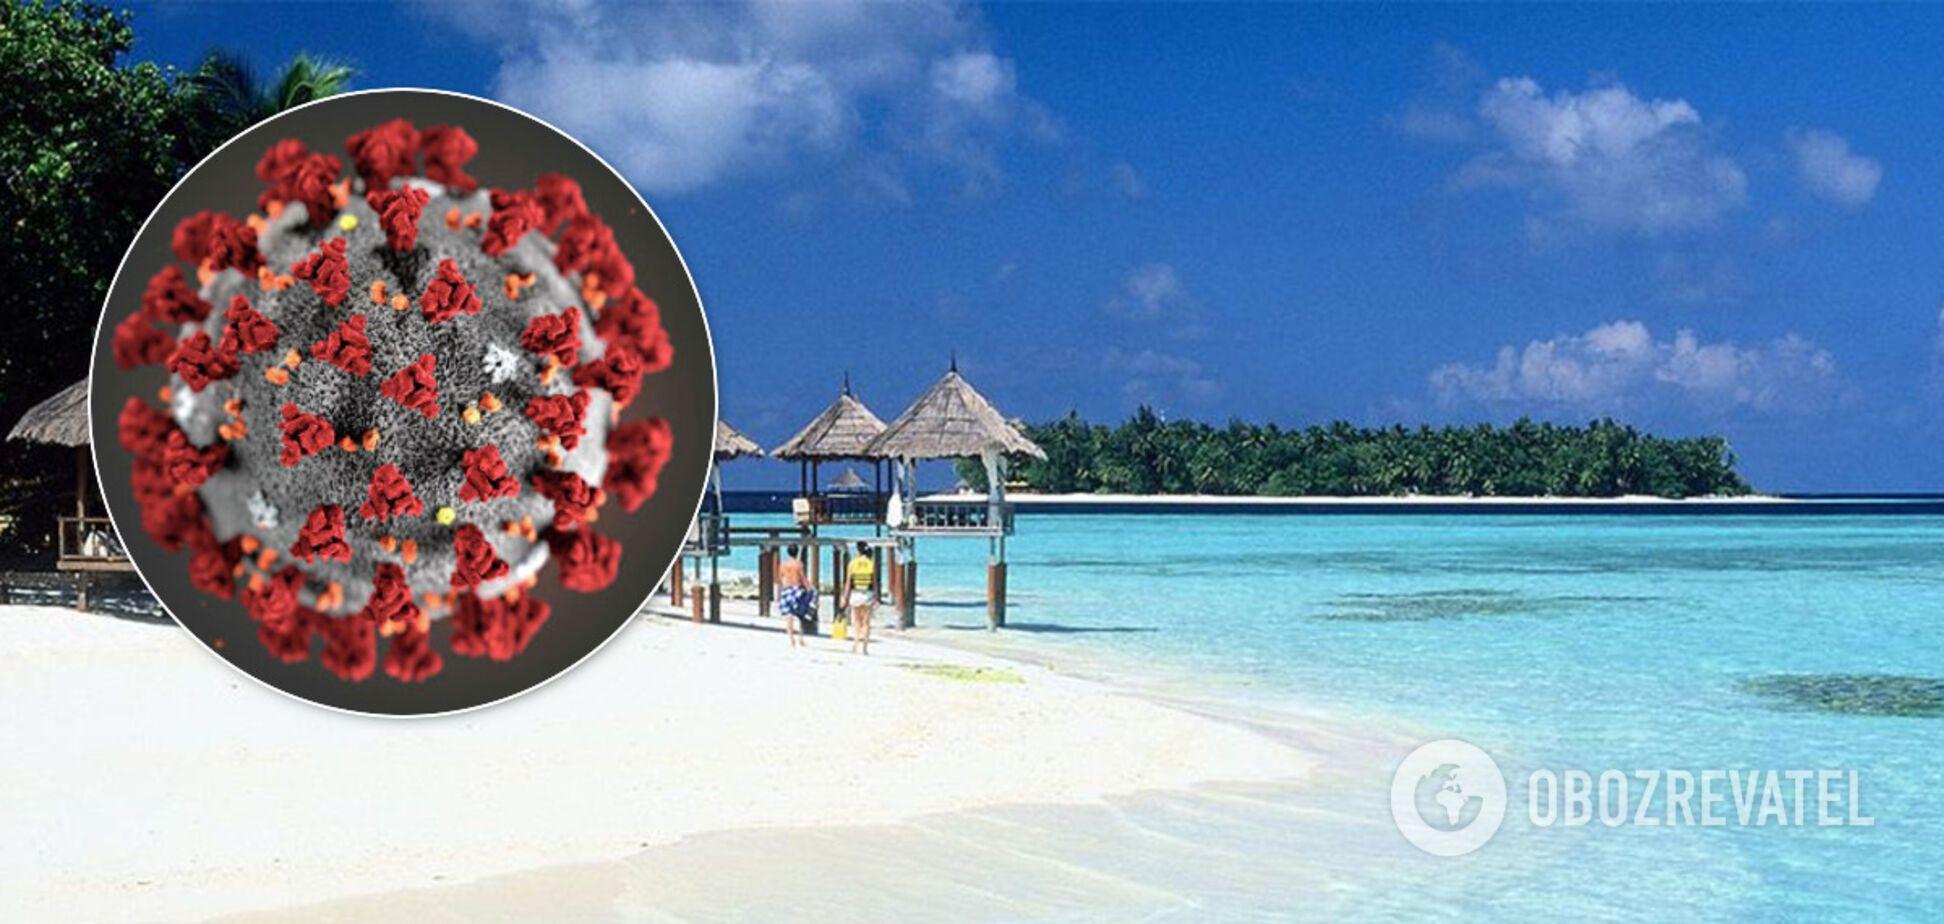 Коронавірус дістався до найпопулярніших курортів світу: перші випадки вже на Мальдівах